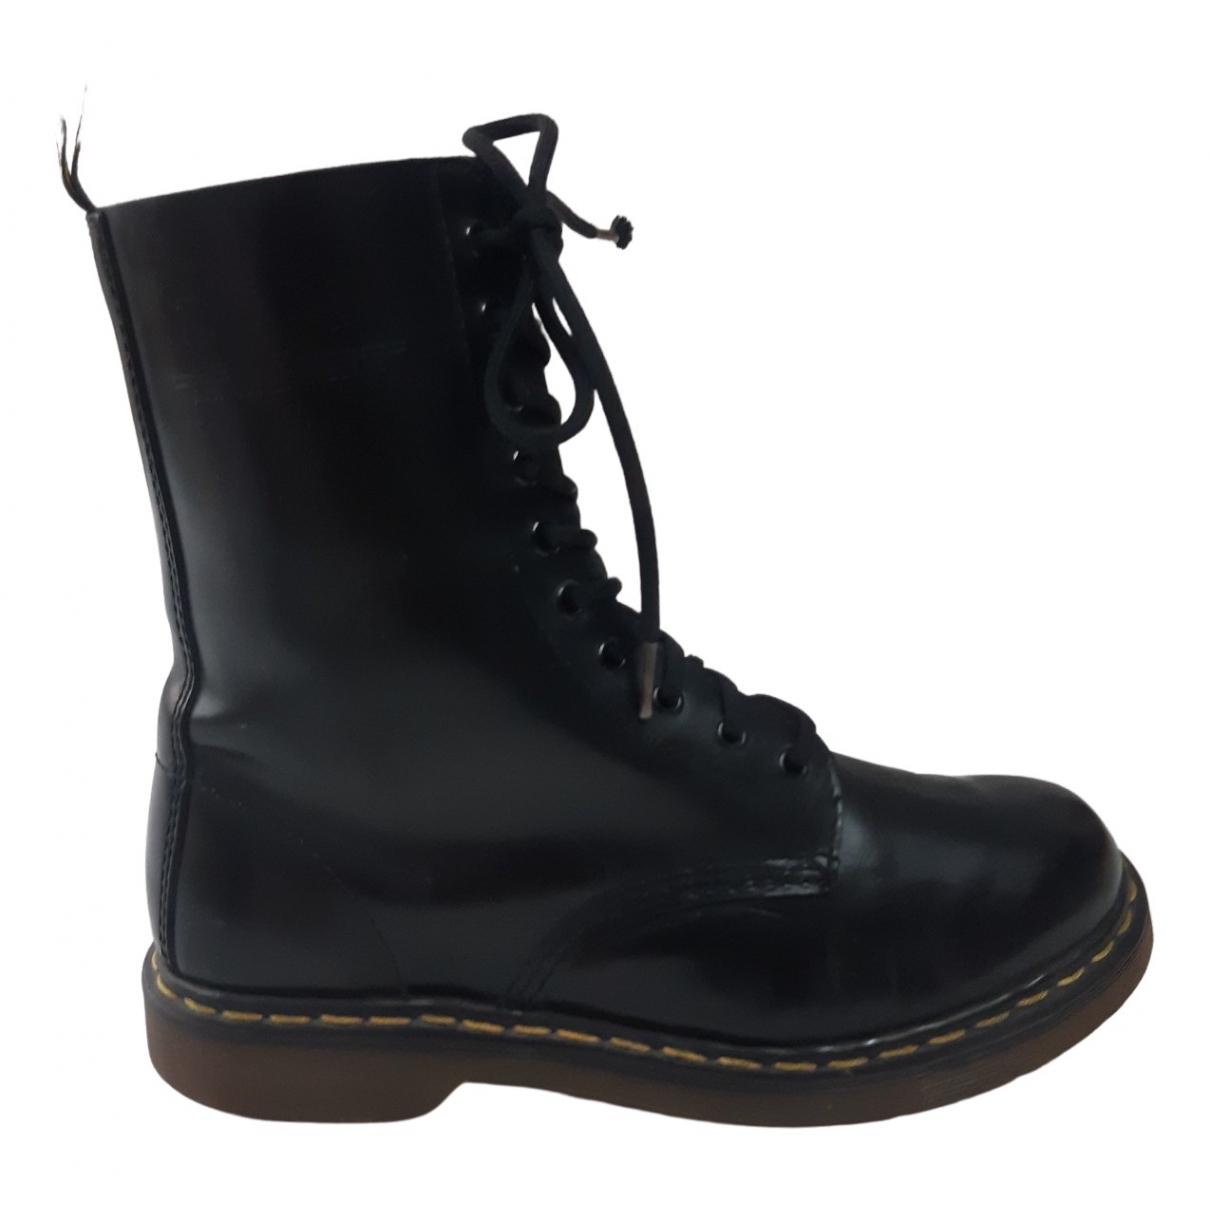 Dr. Martens 1490 (10 eye) Black Leather Boots for Men 41 EU